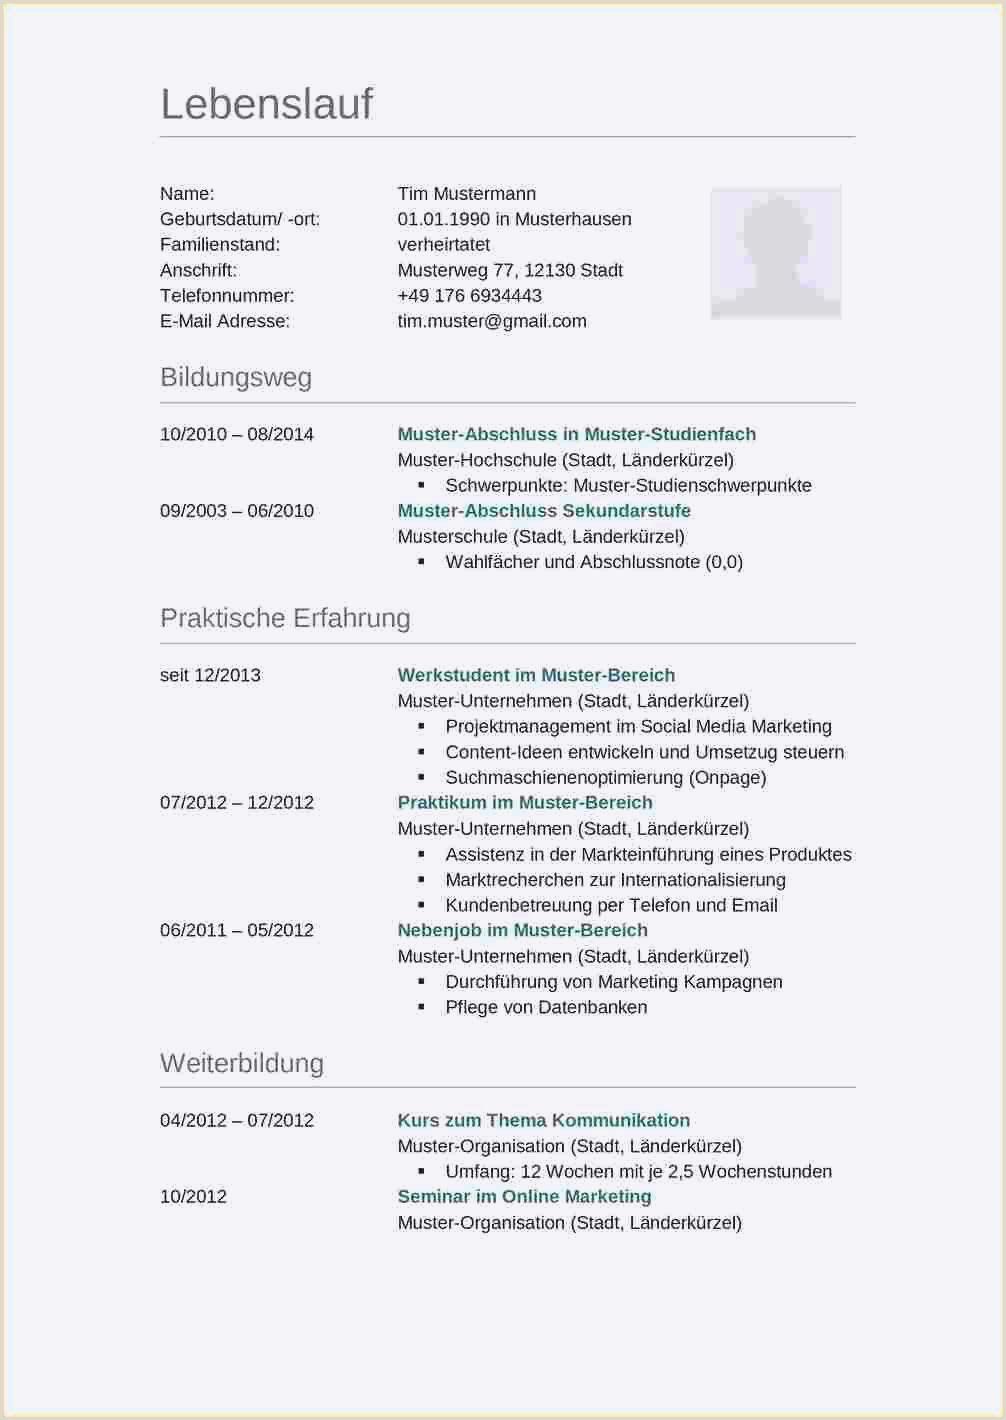 Lebenslauf Muster Voraussichtlicher Abschluss 19 Lebenslauf Muster Doc